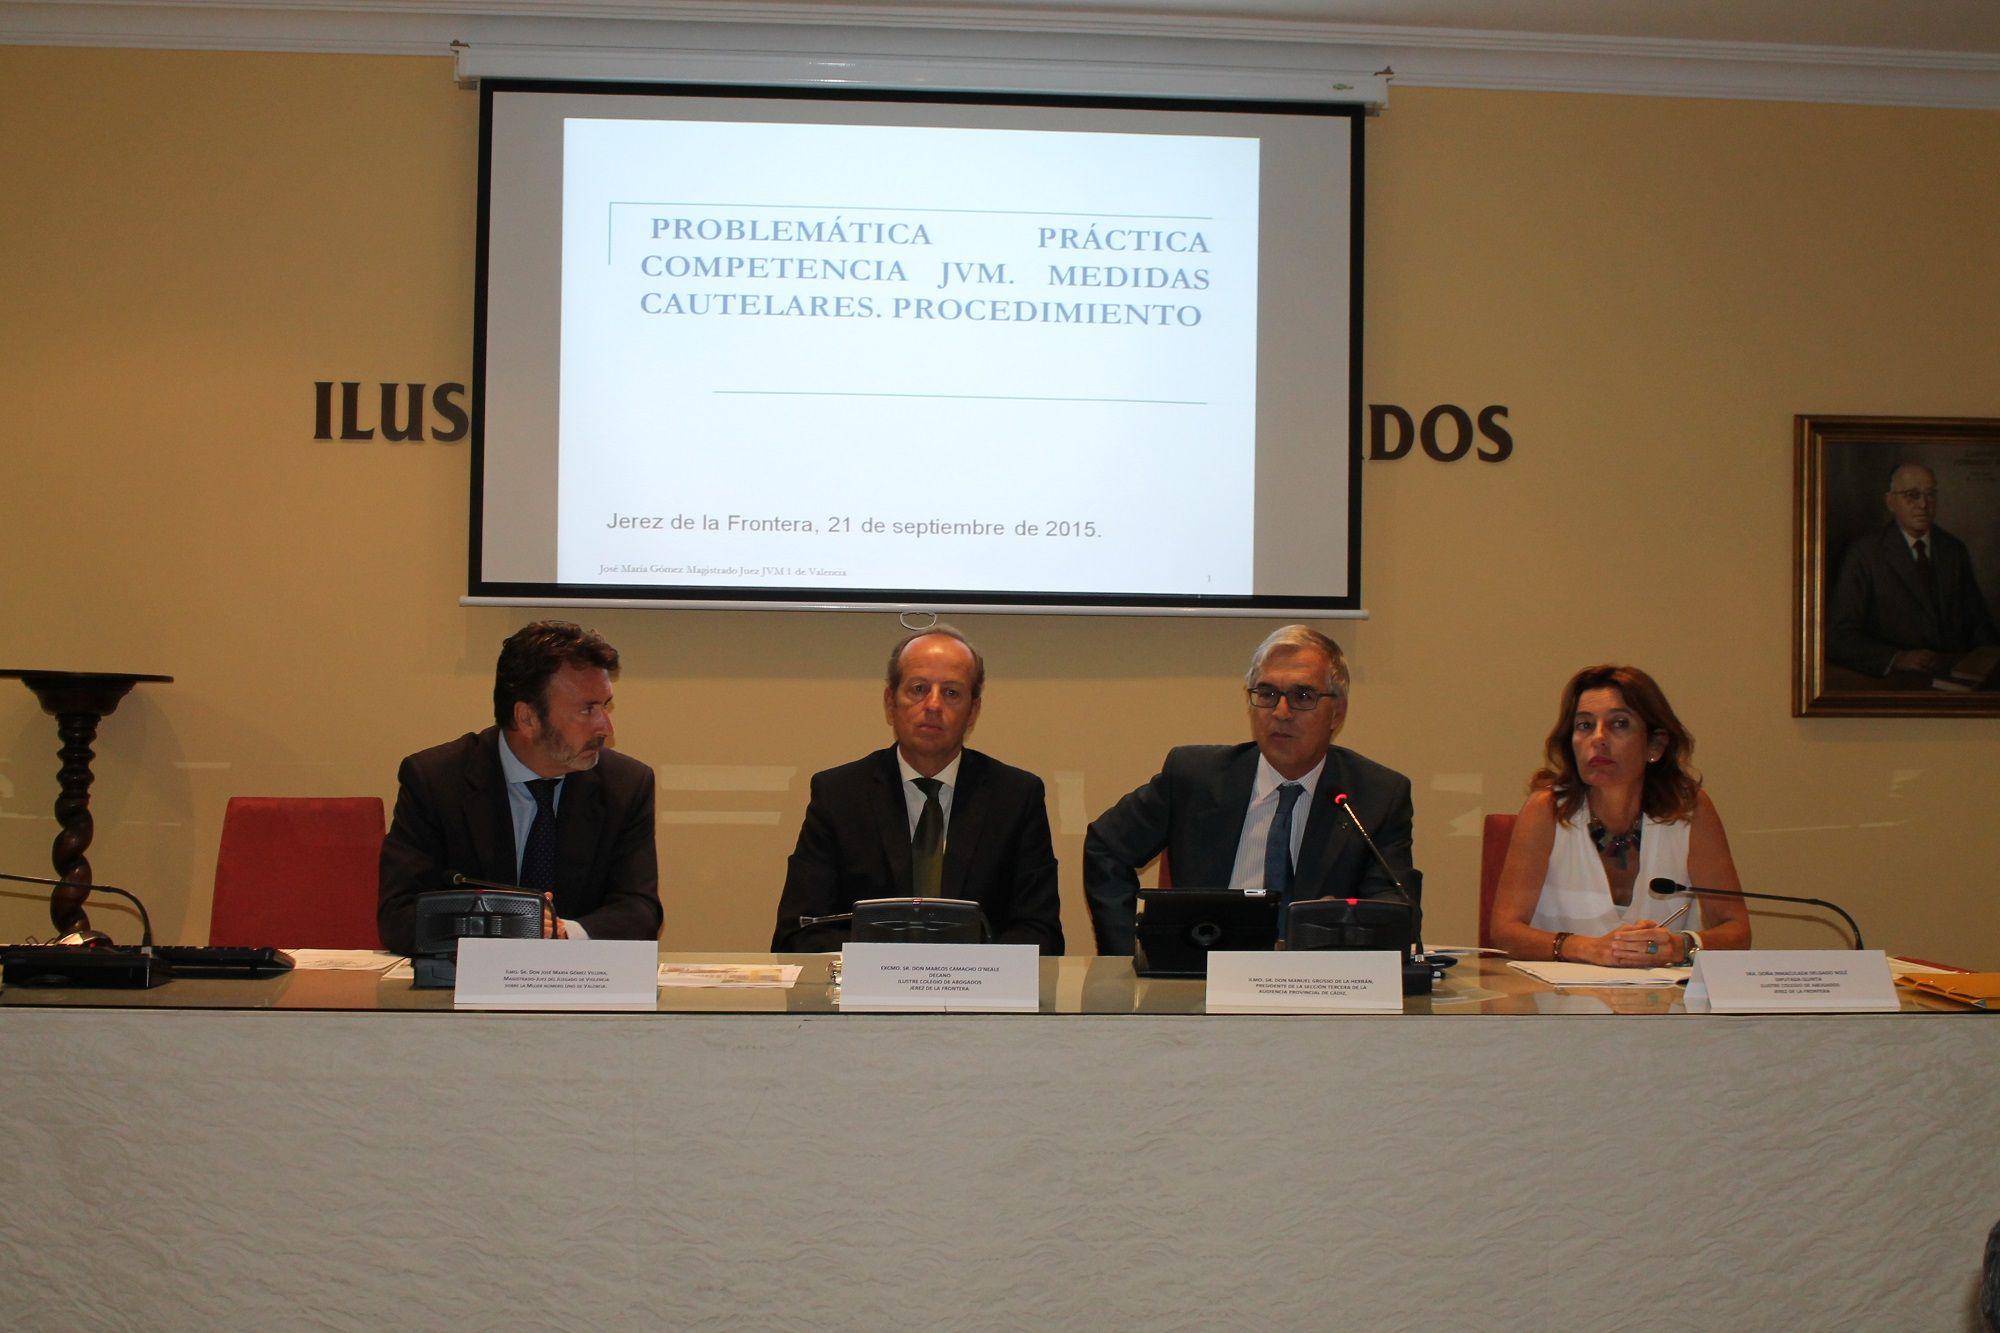 Ponentes en el Ilustre Colegio de Abogados de Jerez. Icabjerez